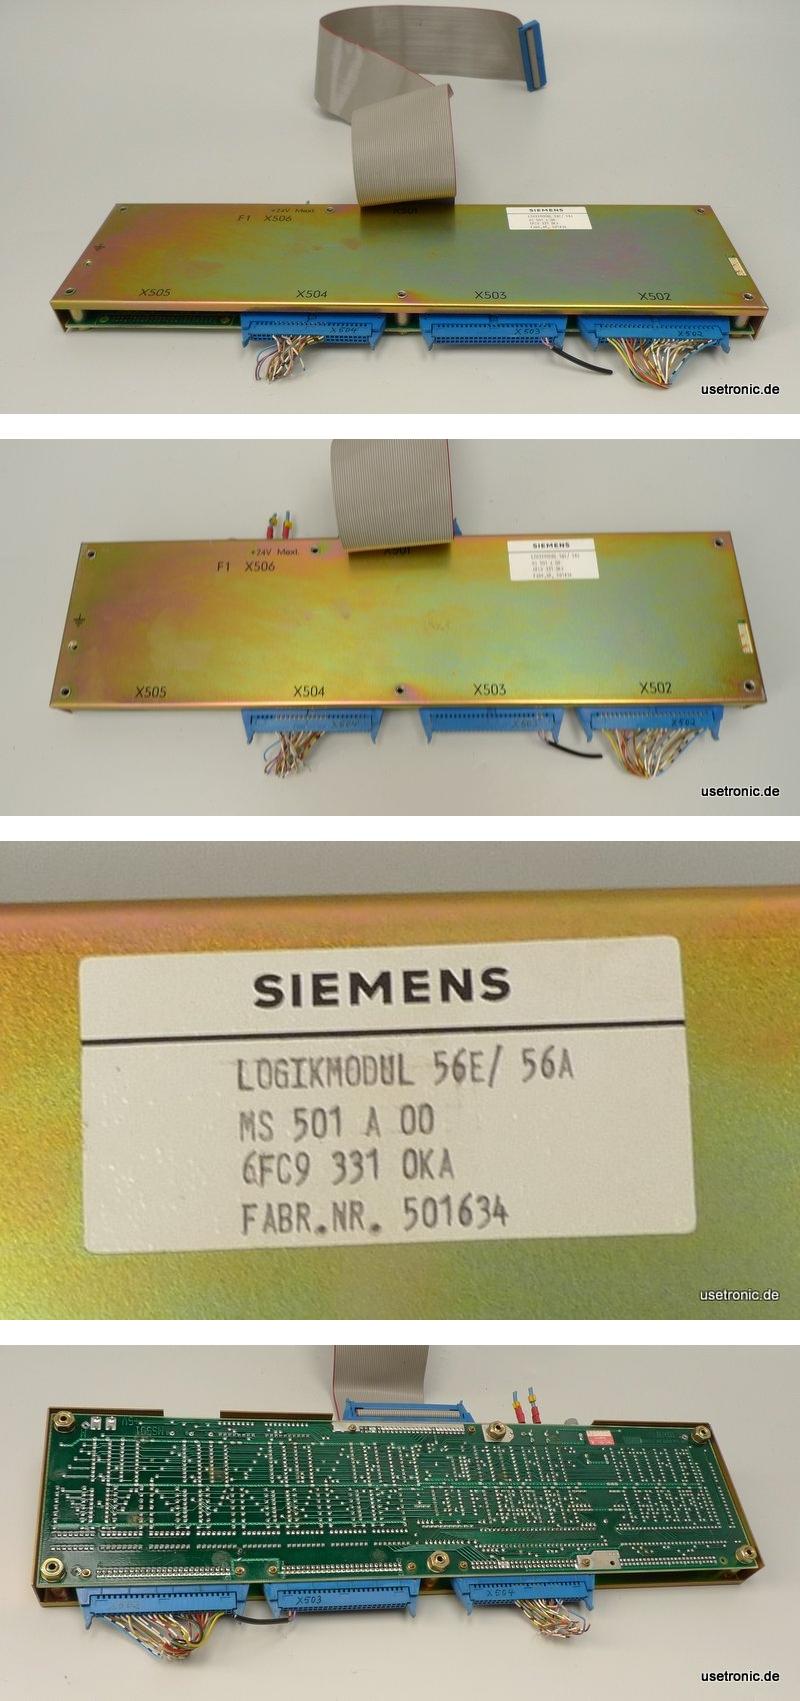 Siemens Sinumerik Logikmodul 56E/56A MS501-A 6FC9331-0KA